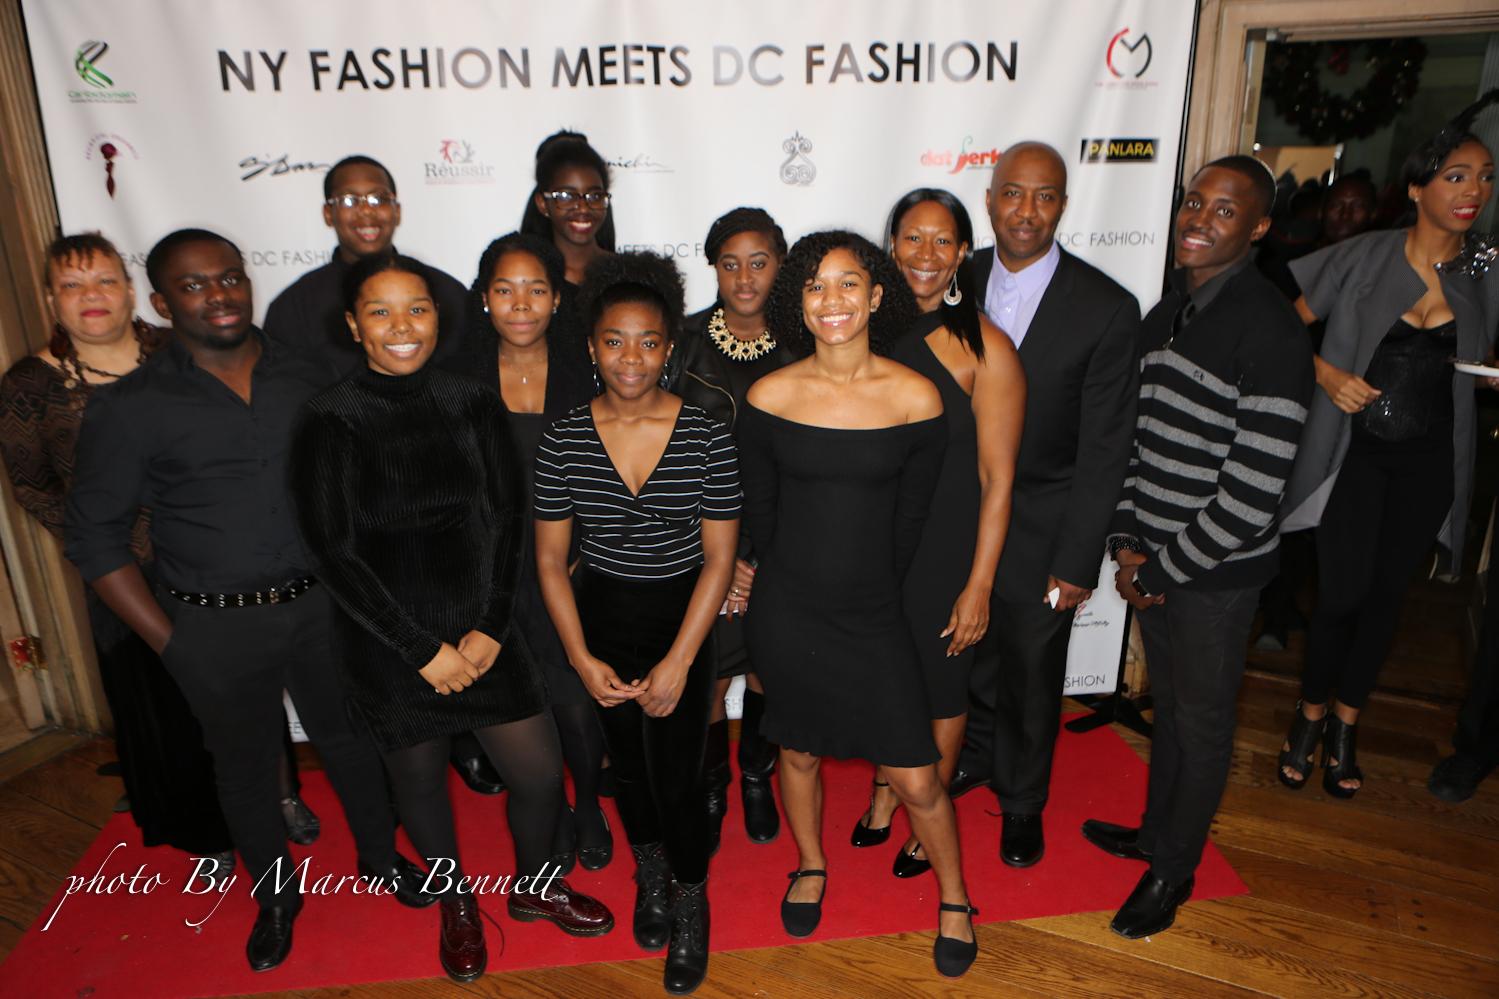 NY Fashion Meets DC Fashion